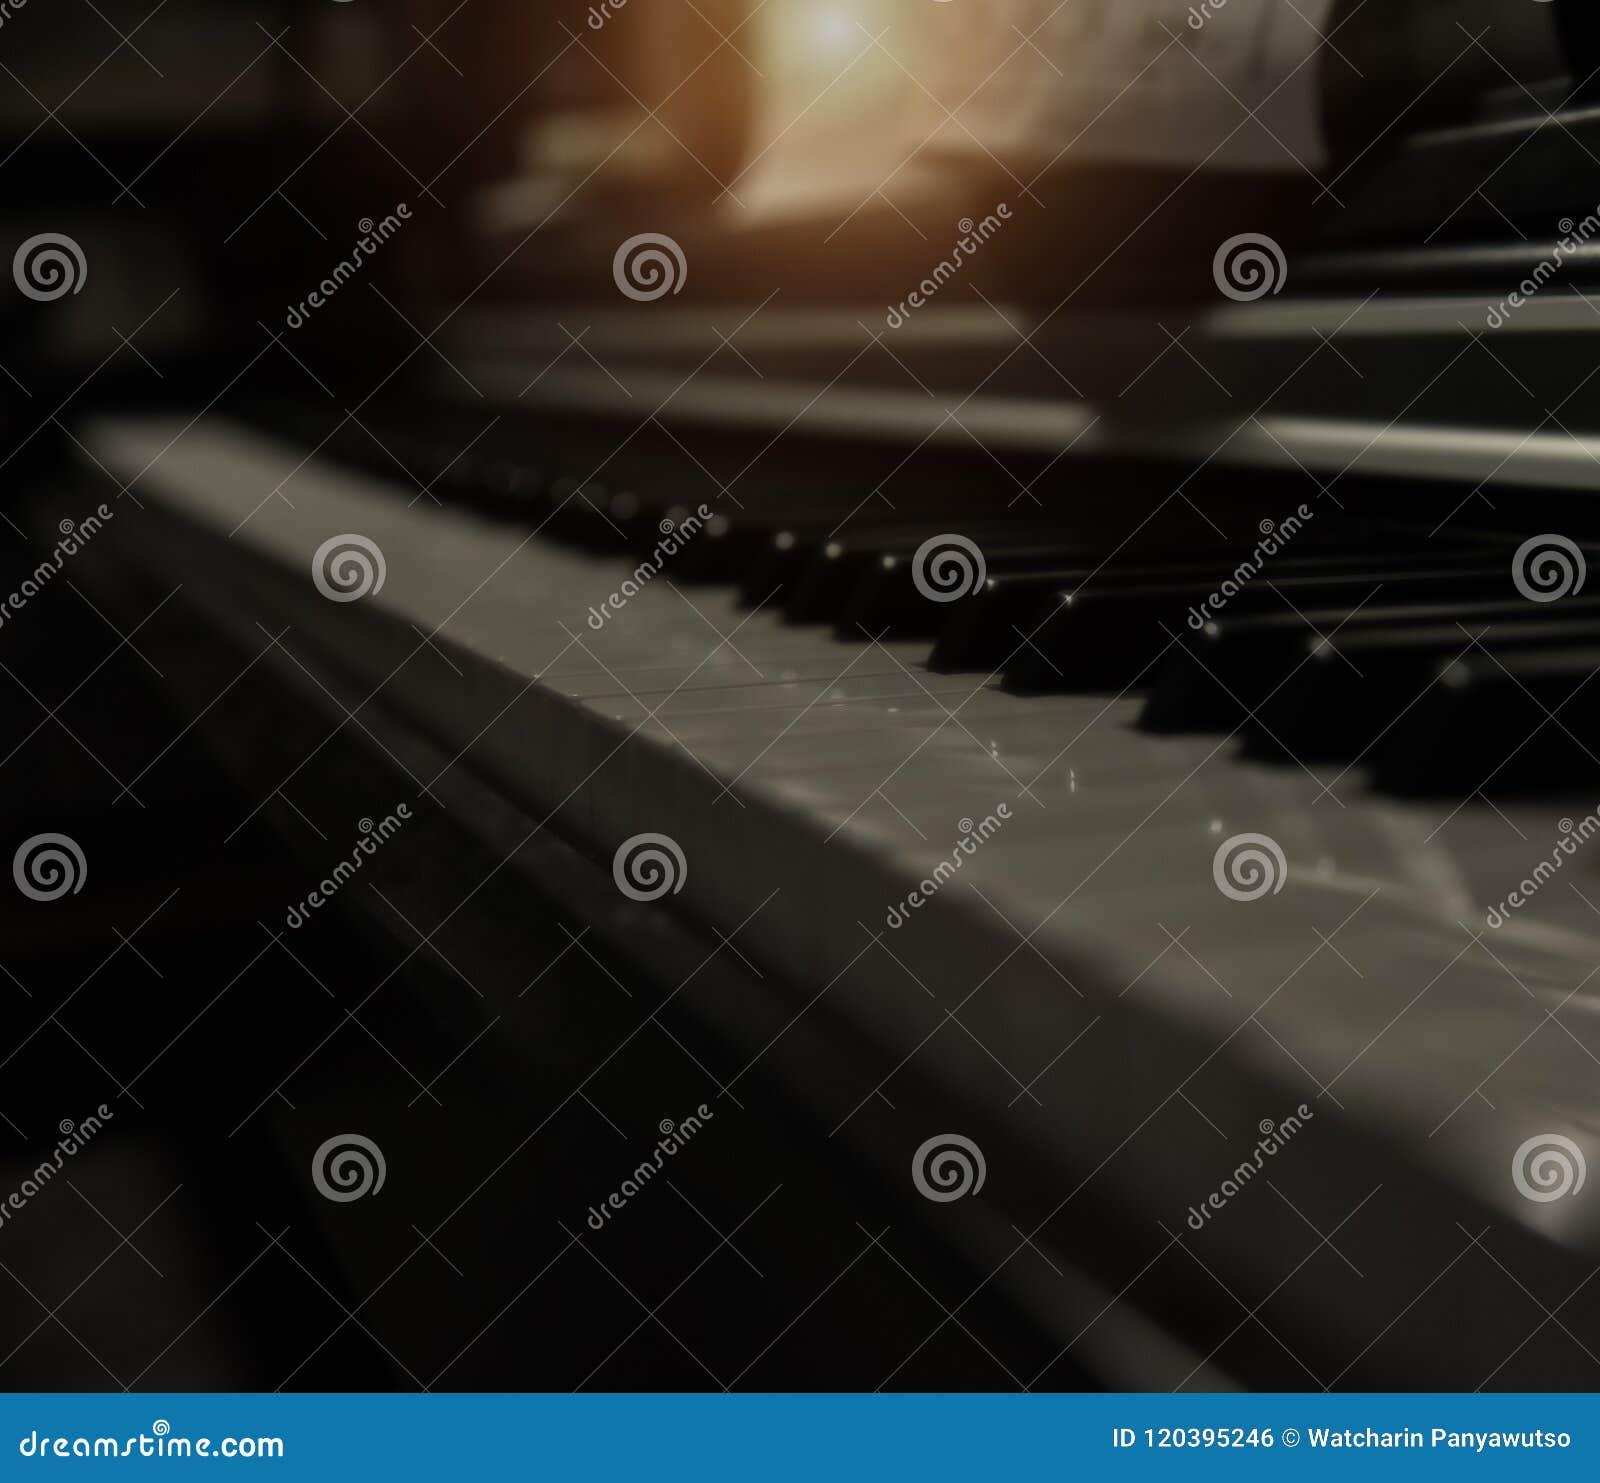 Den oskarpa ljusa designbakgrunden av pianotangenter, där är vita pianotangenter och svarta pianotangenter